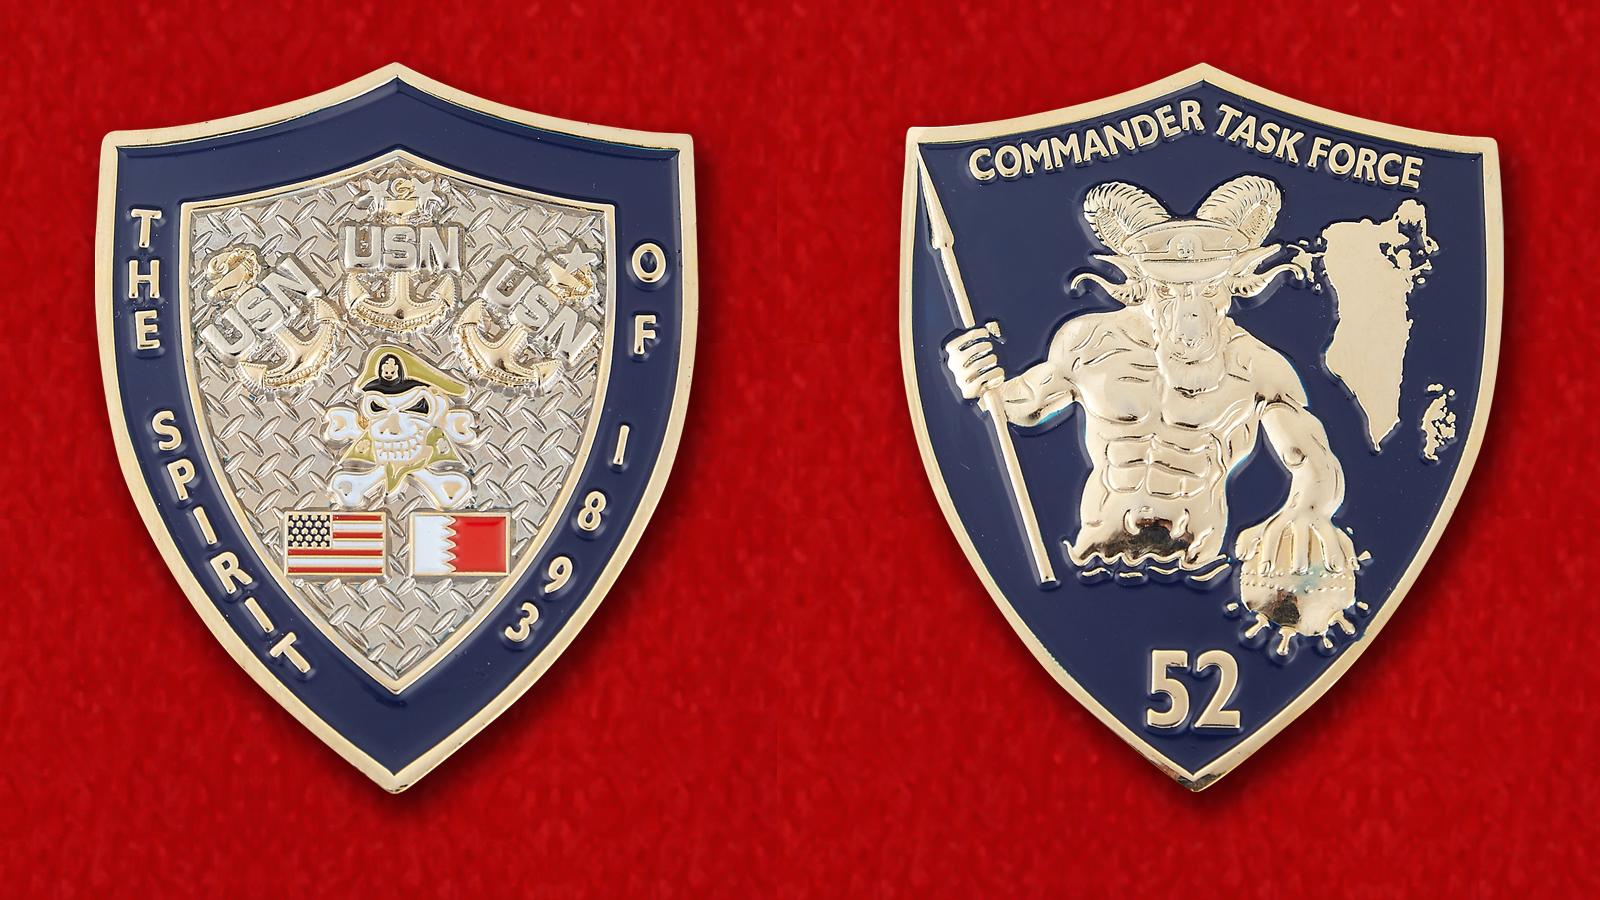 USN Commander Task Force 52 Challenge Coin